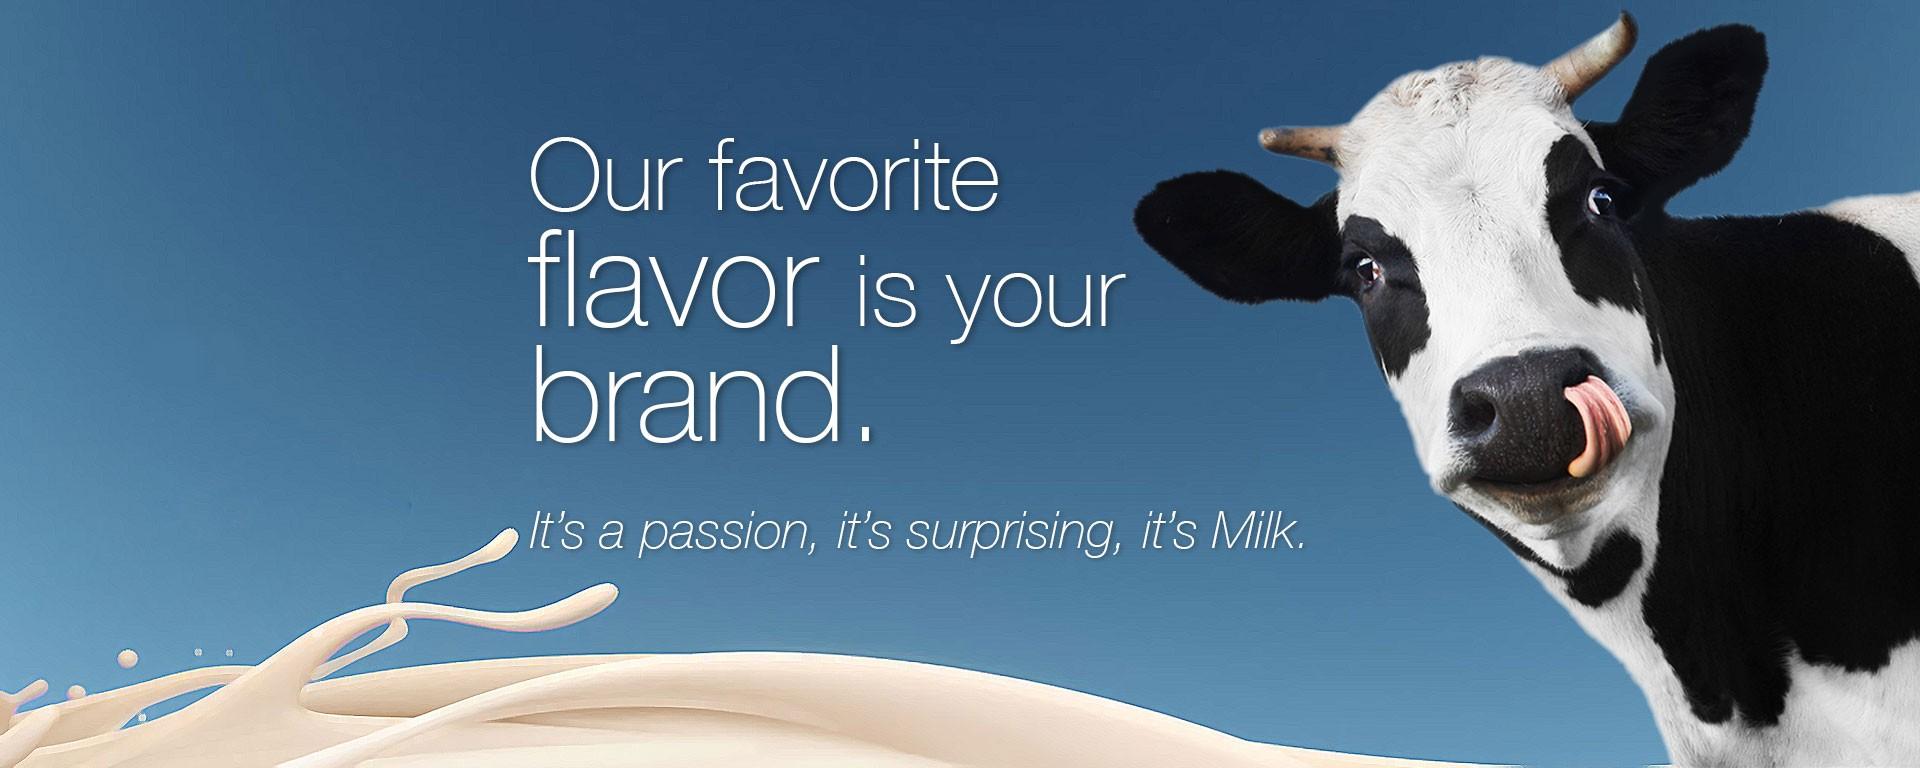 Milk Publicidad Slide_0